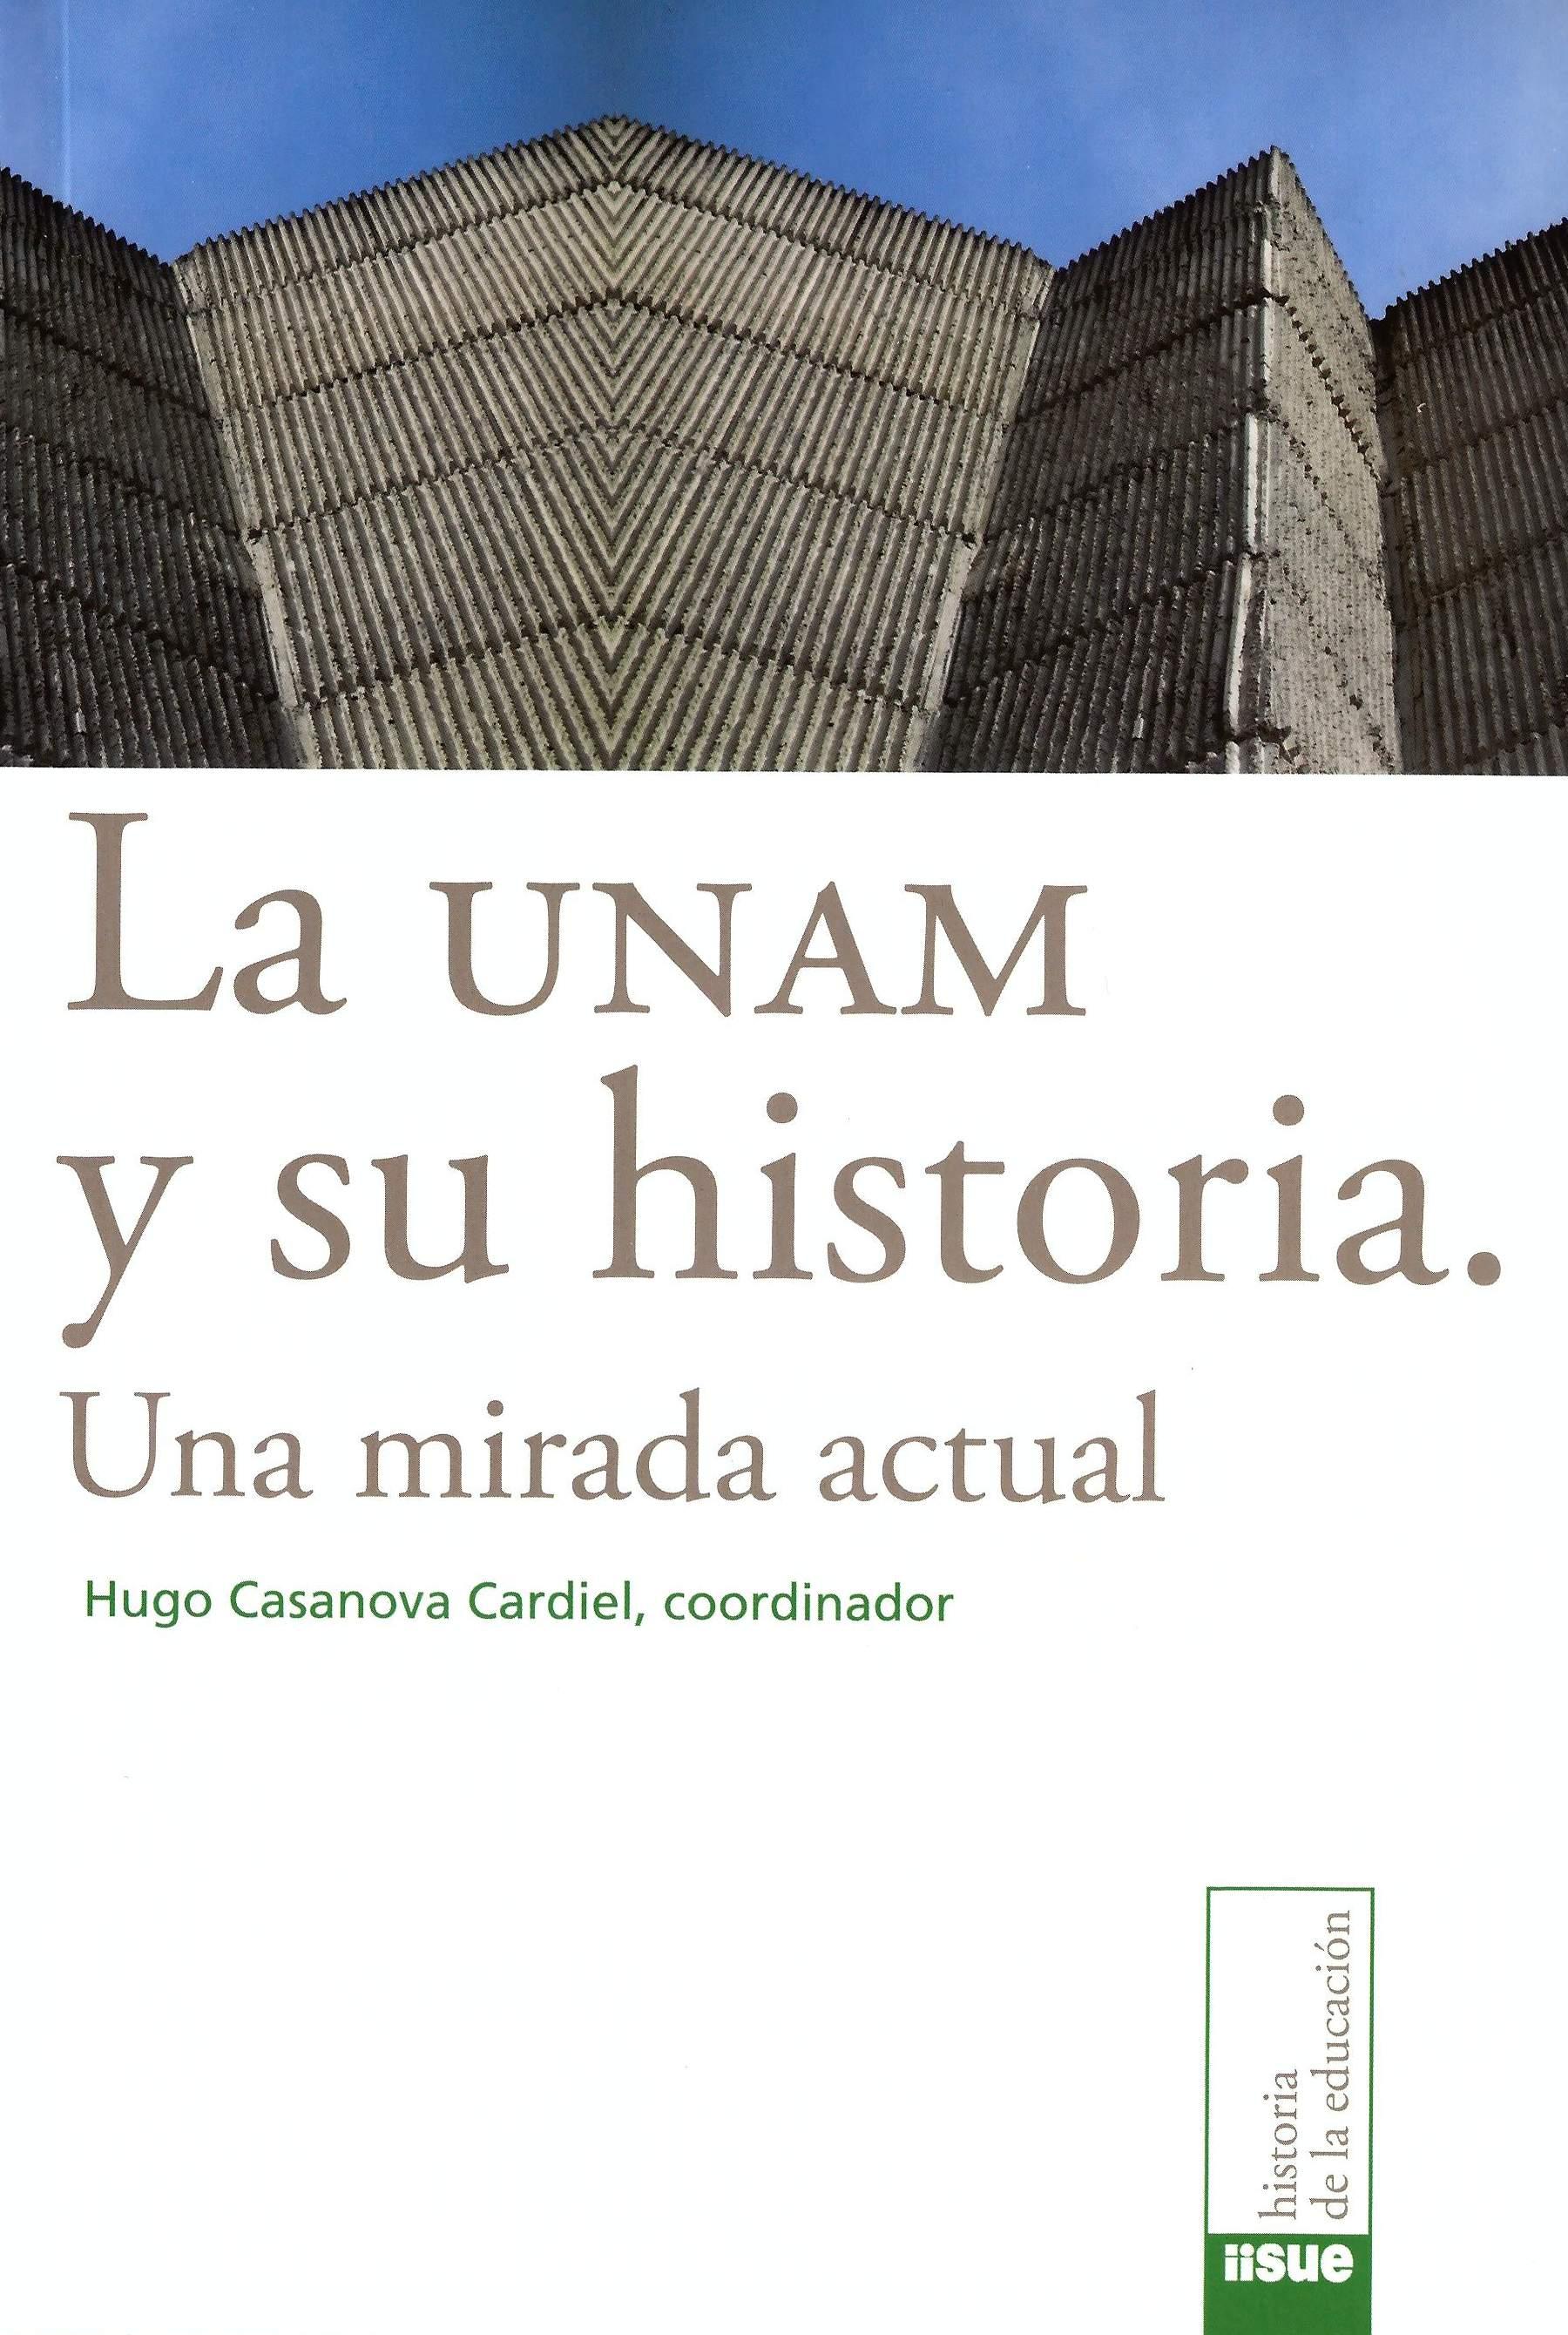 La UNAM y su historia. Una mirada actual